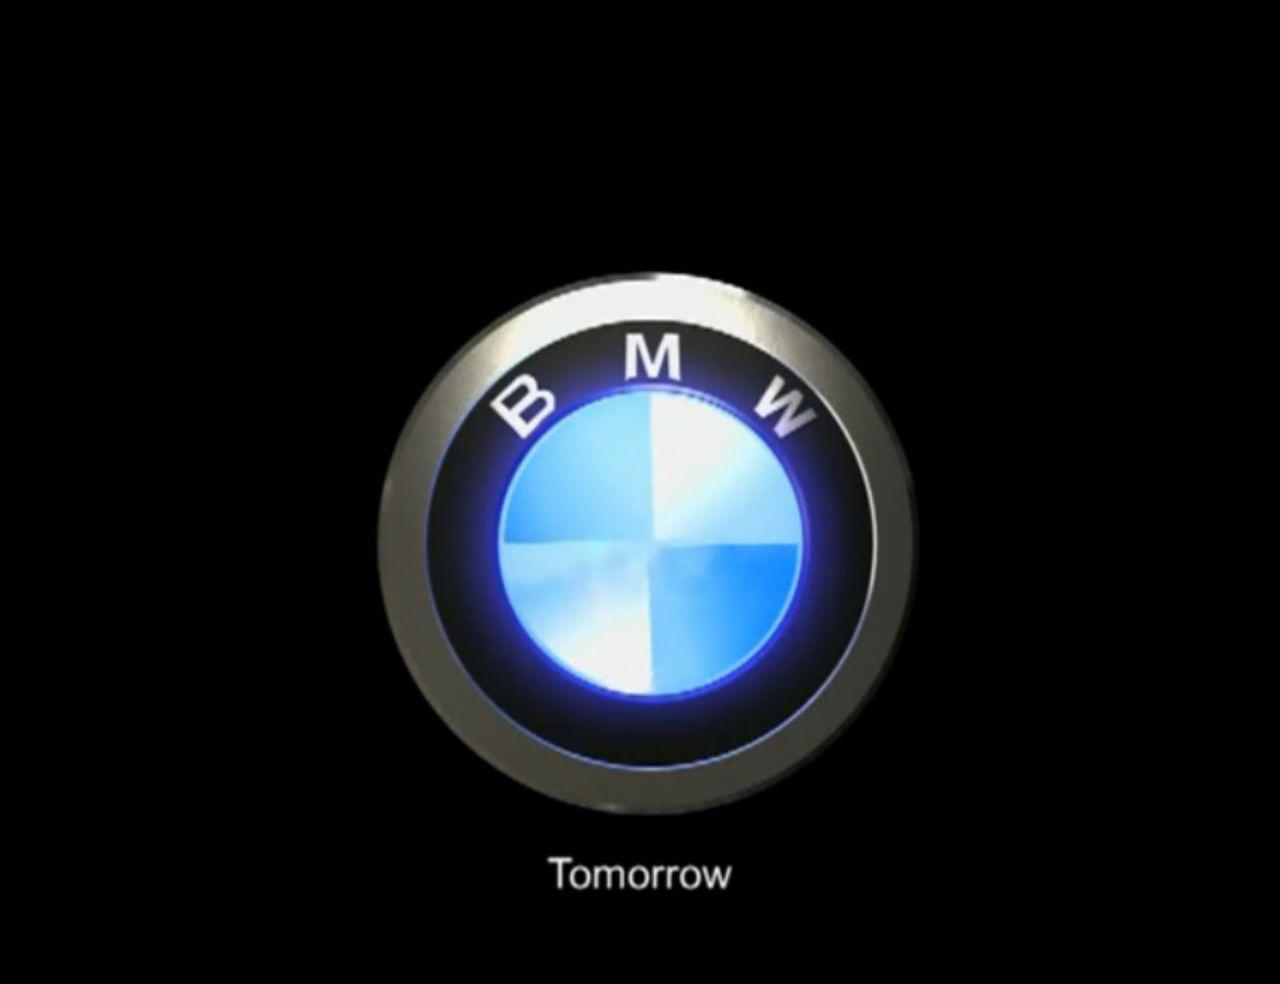 новый звуковой логотип bmw скачать